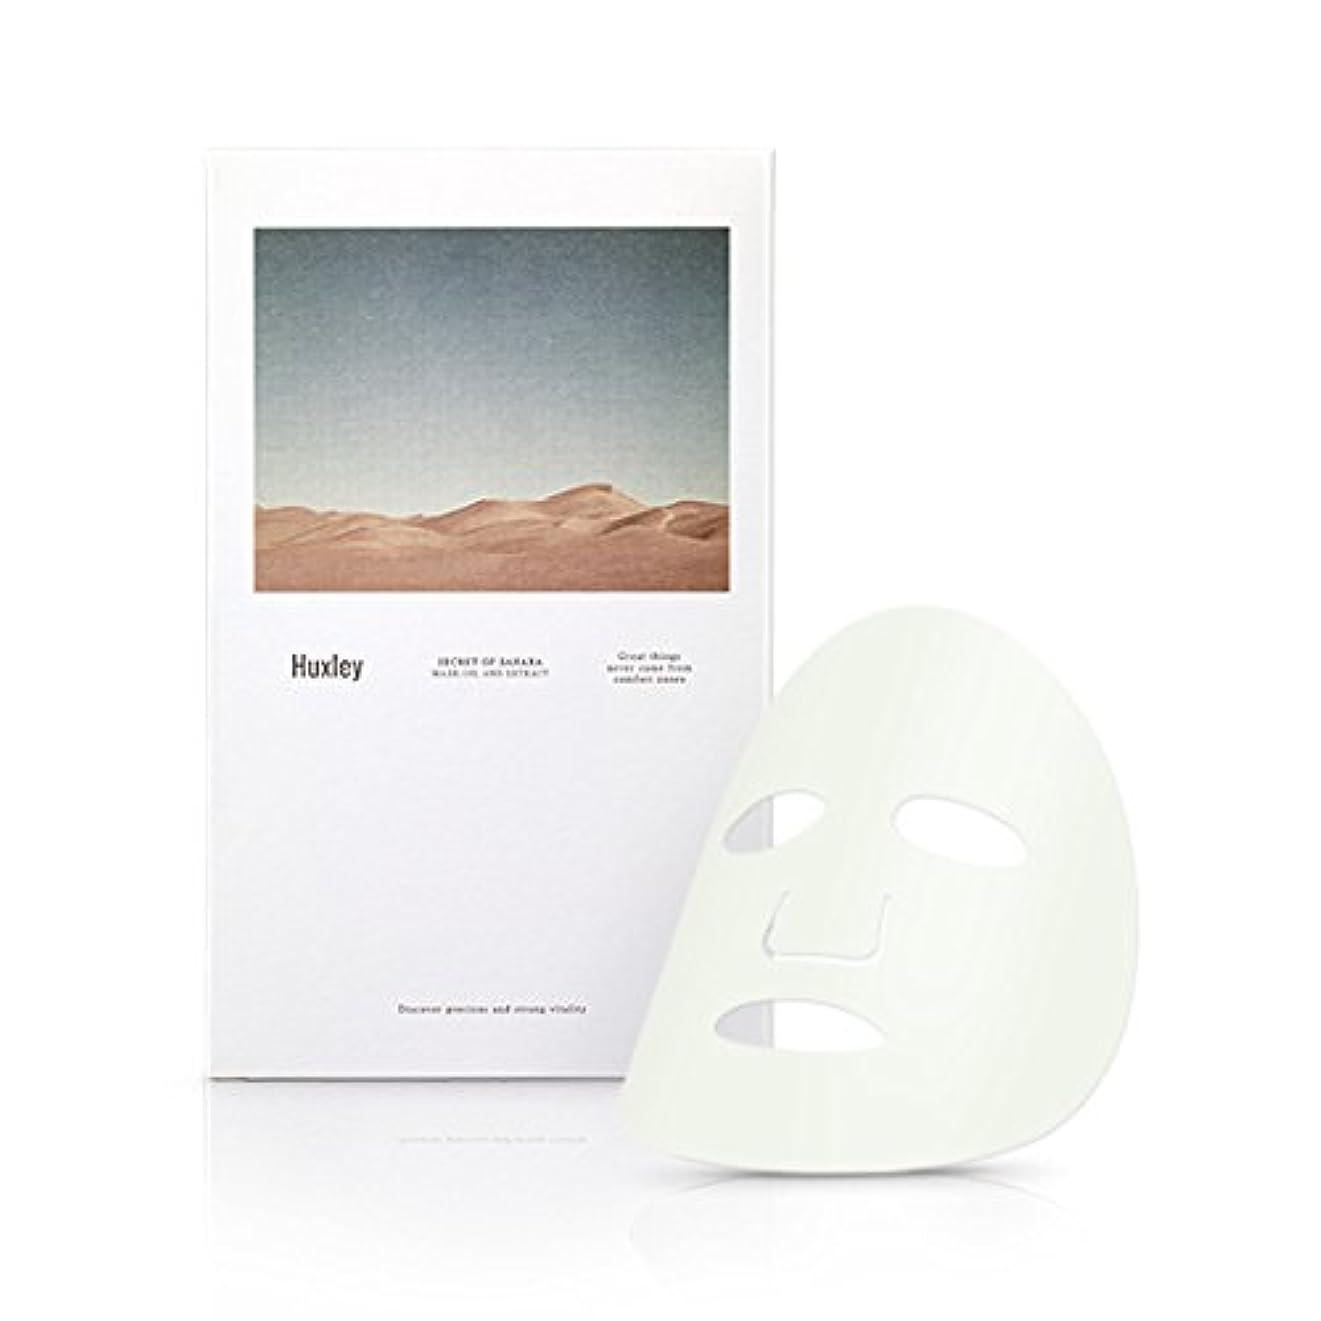 ケーブルカー友だち強盗Huxley Mask;Oil And Extract 25ml × 3ea/ハクスリー マスク;オイル アンド エクストラクト 25ml × 3枚 [並行輸入品]